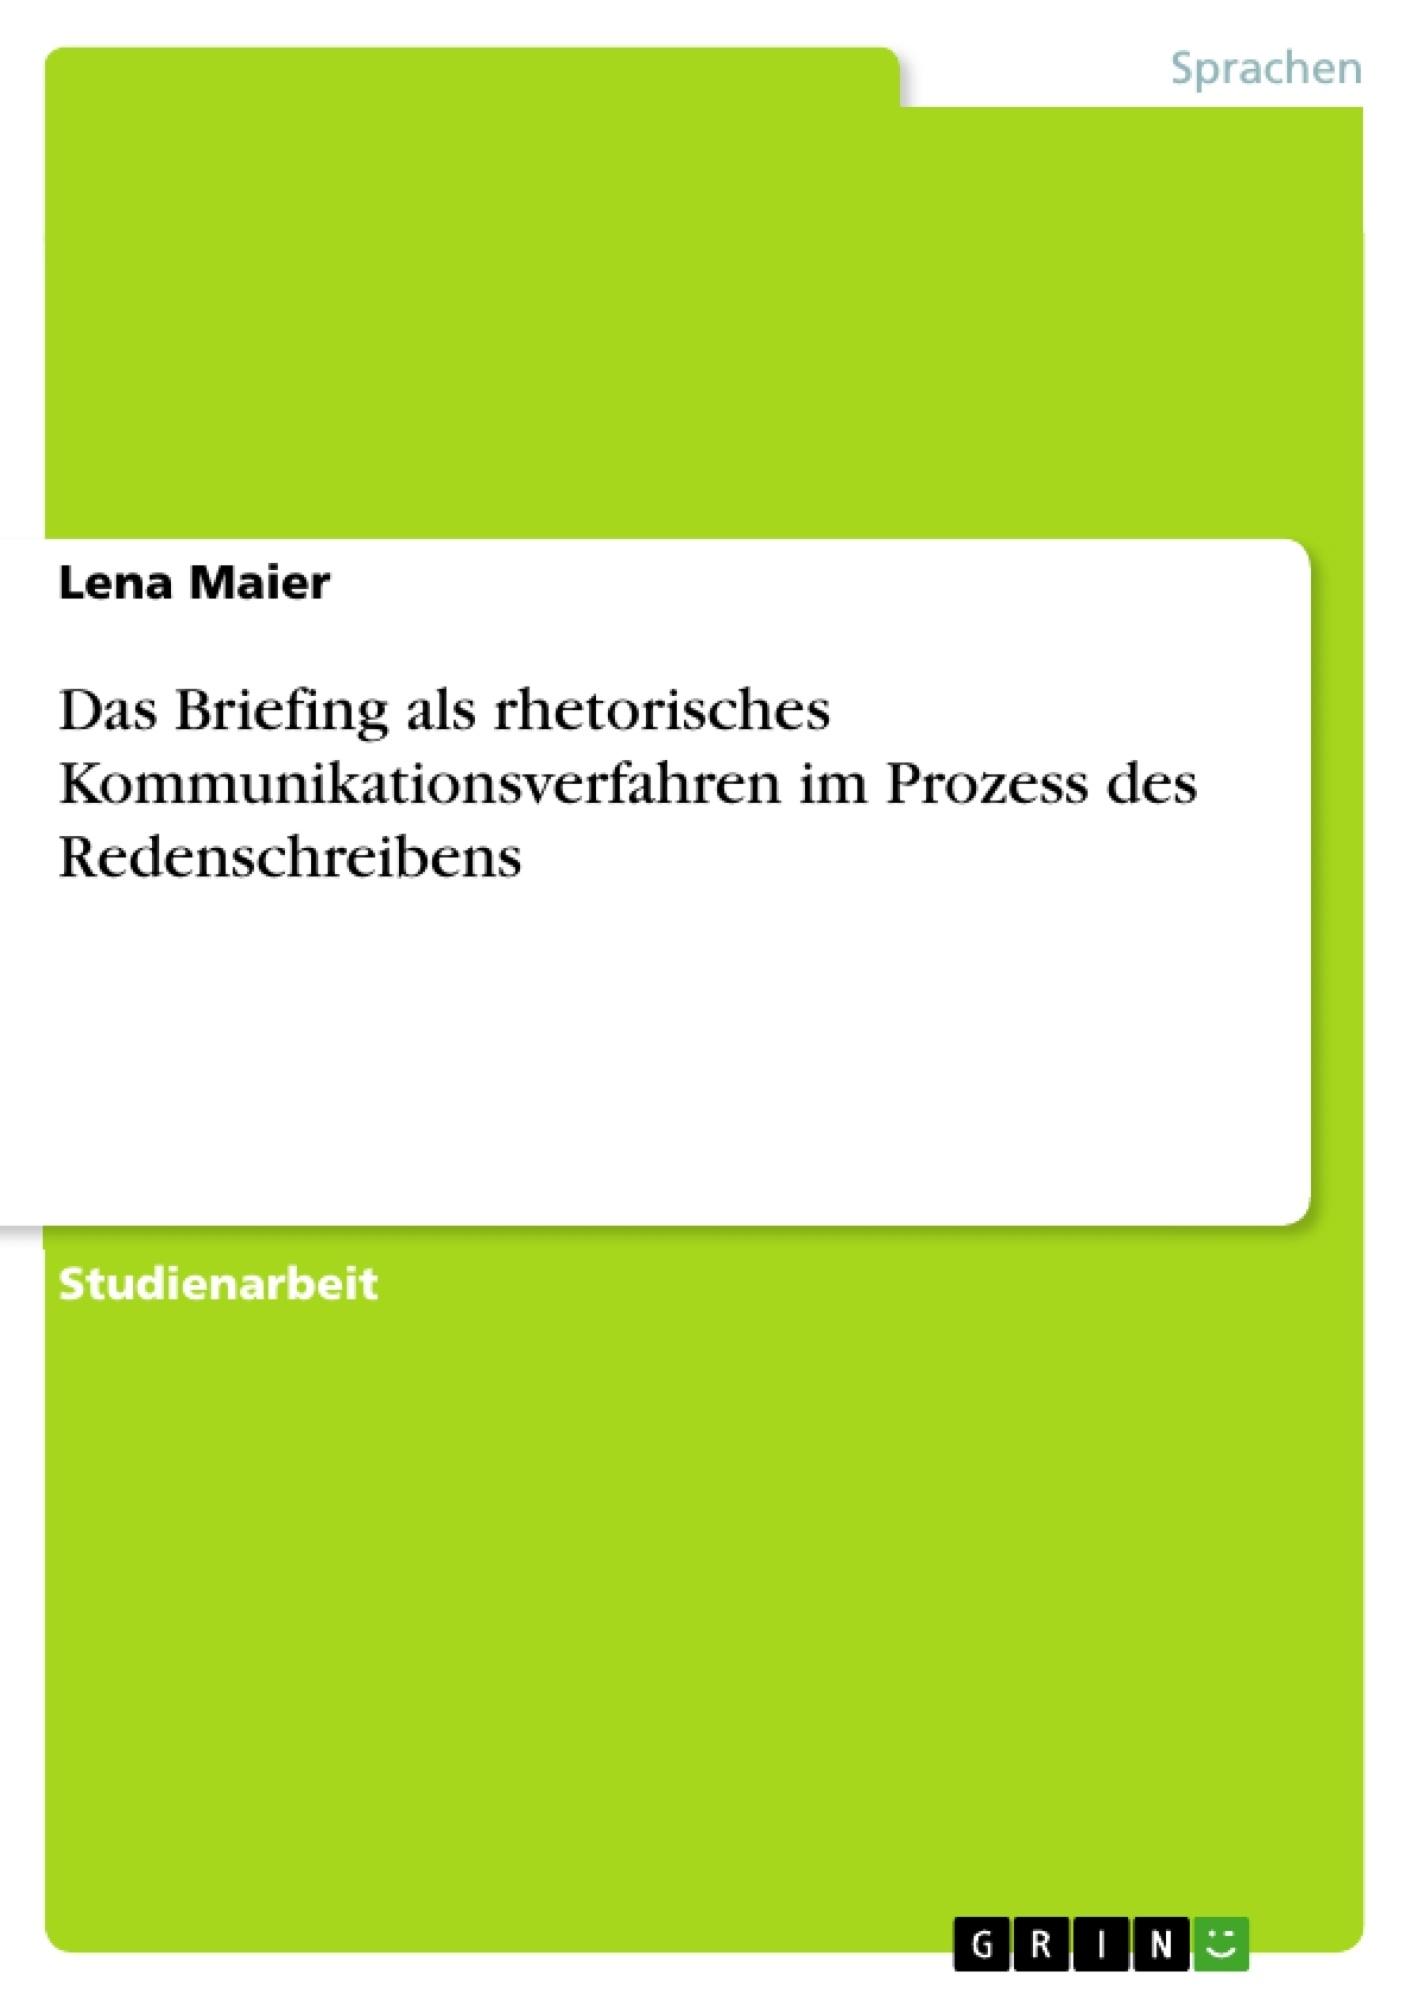 Titel: Das Briefing als rhetorisches Kommunikationsverfahren im Prozess des Redenschreibens